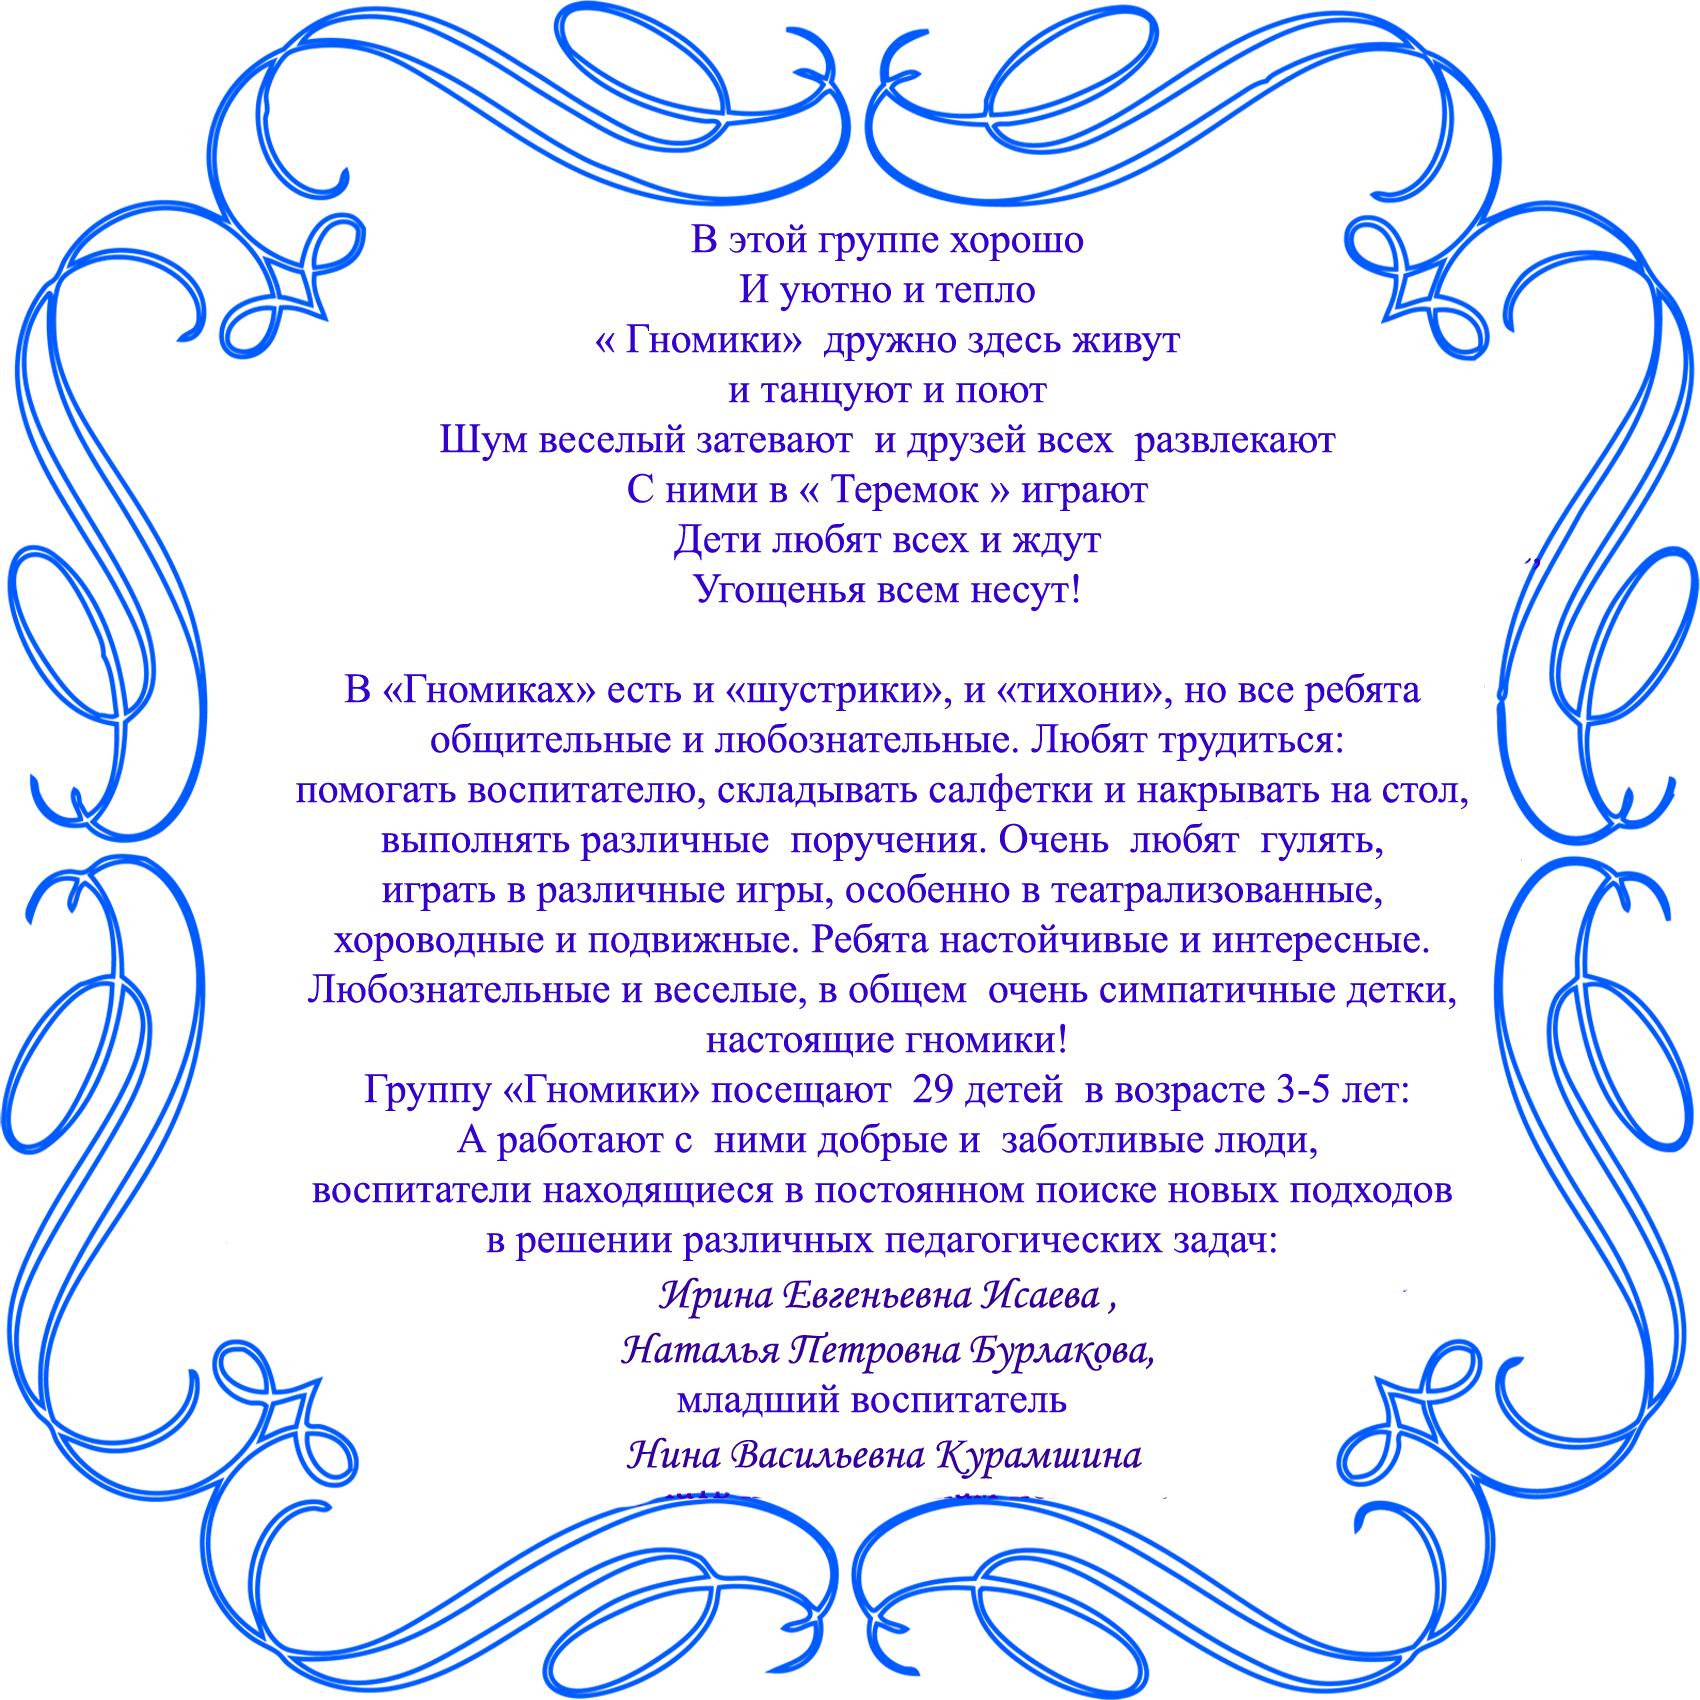 Стихи к подаркам - xn-2012-43dmmko7bmrmr2u 20